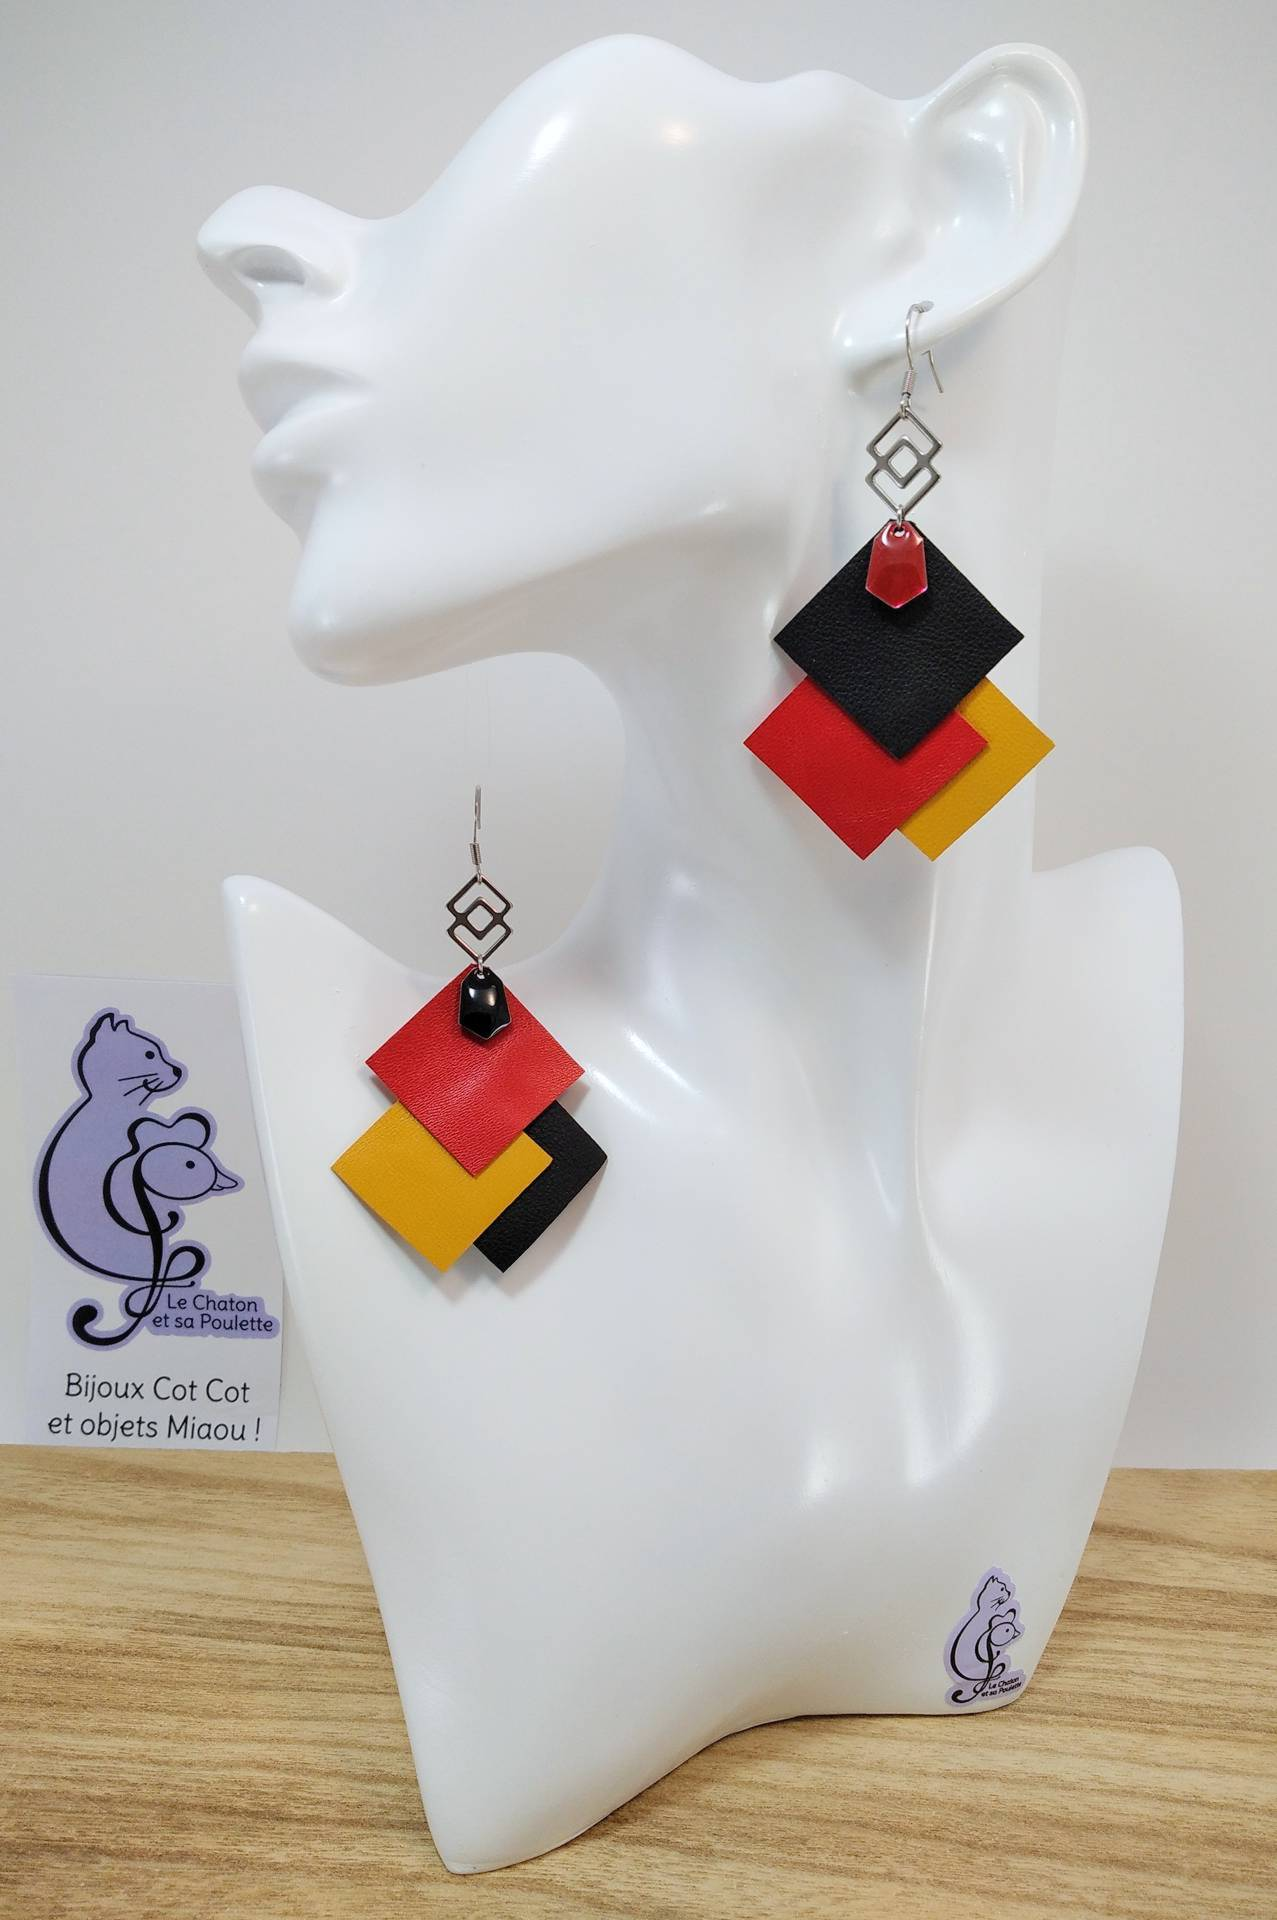 VENDUES ! B.O. FORMIDABLE modèle 6 Cuirs noir/rouge/ocre, breloque inox carrés entrelacés et diamant rouge ou noir